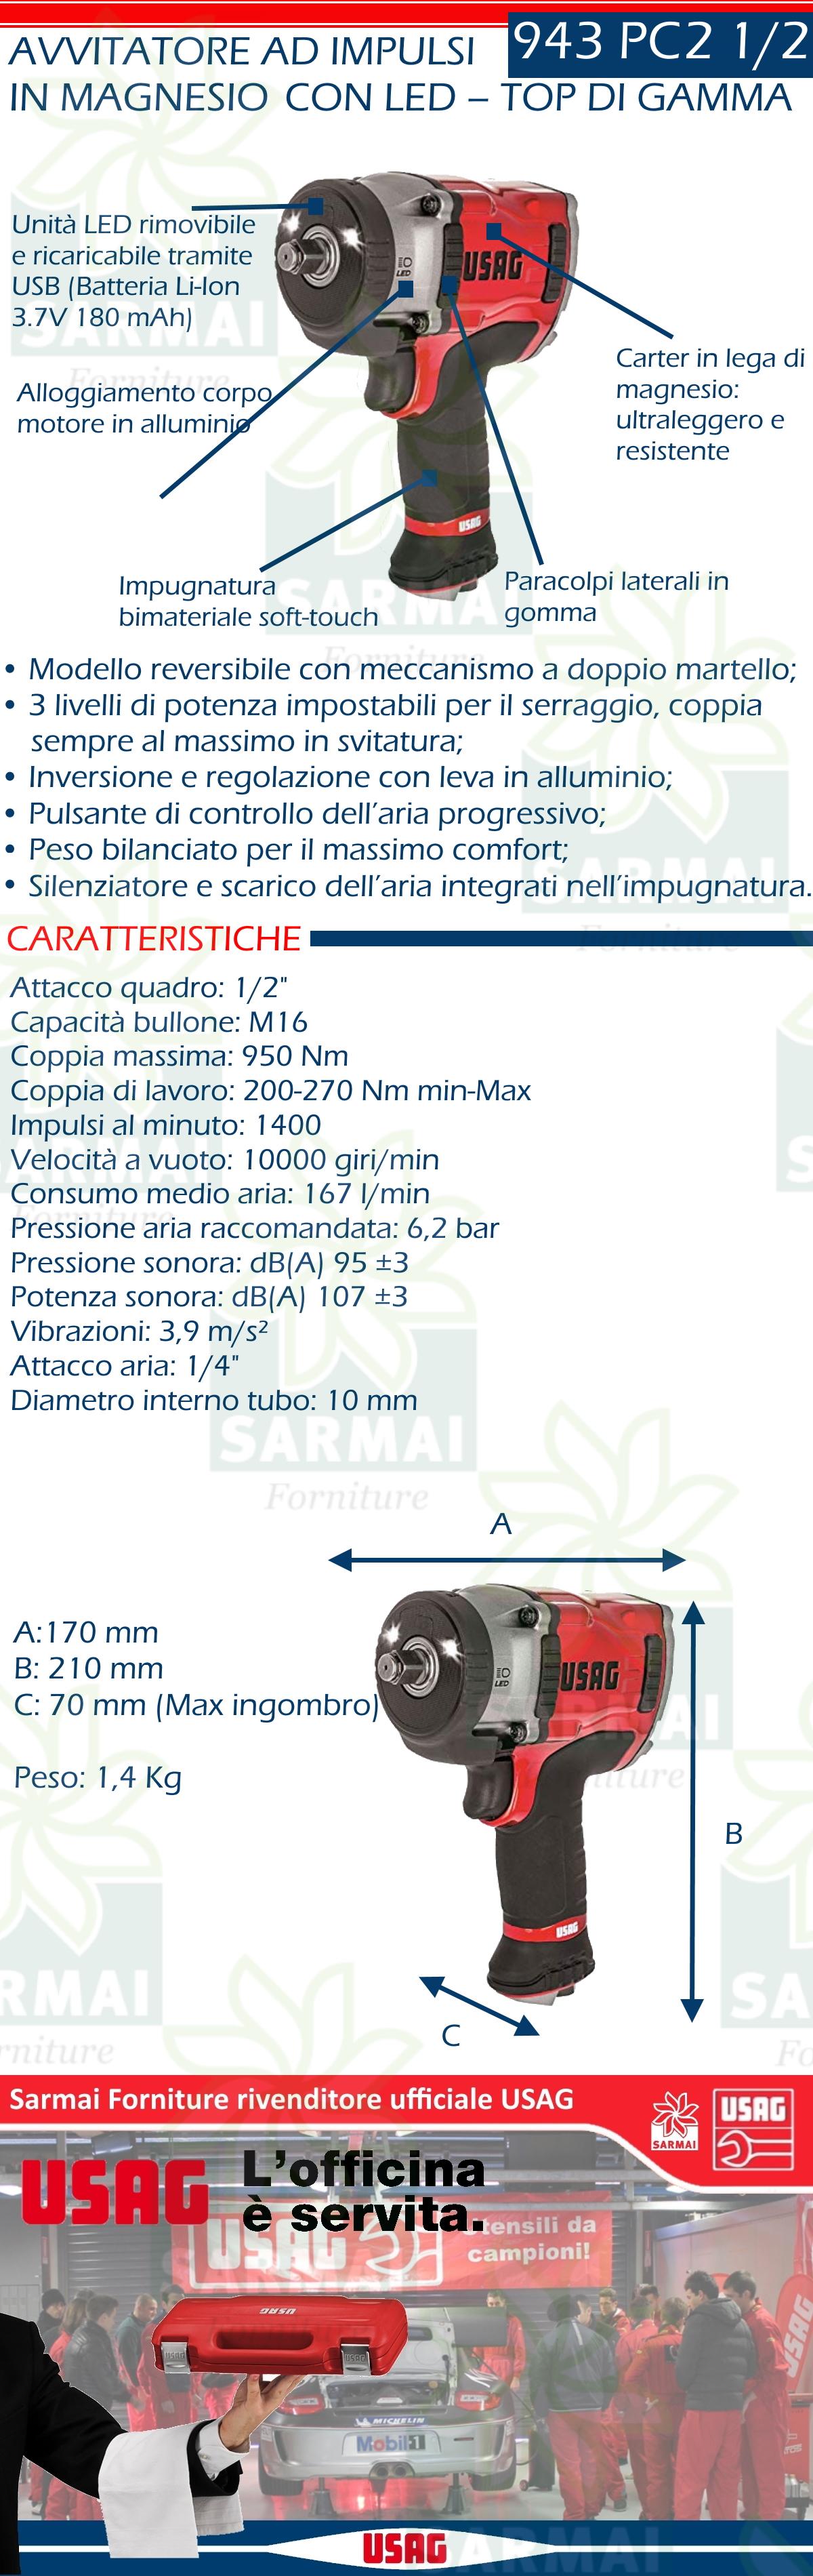 SW-Stahl S3296 Avvitatore ad angolo ad aria compressa Mini I 1//2 I 450 Nm I Avvitatore ad aria compressa per cambio pneumatici